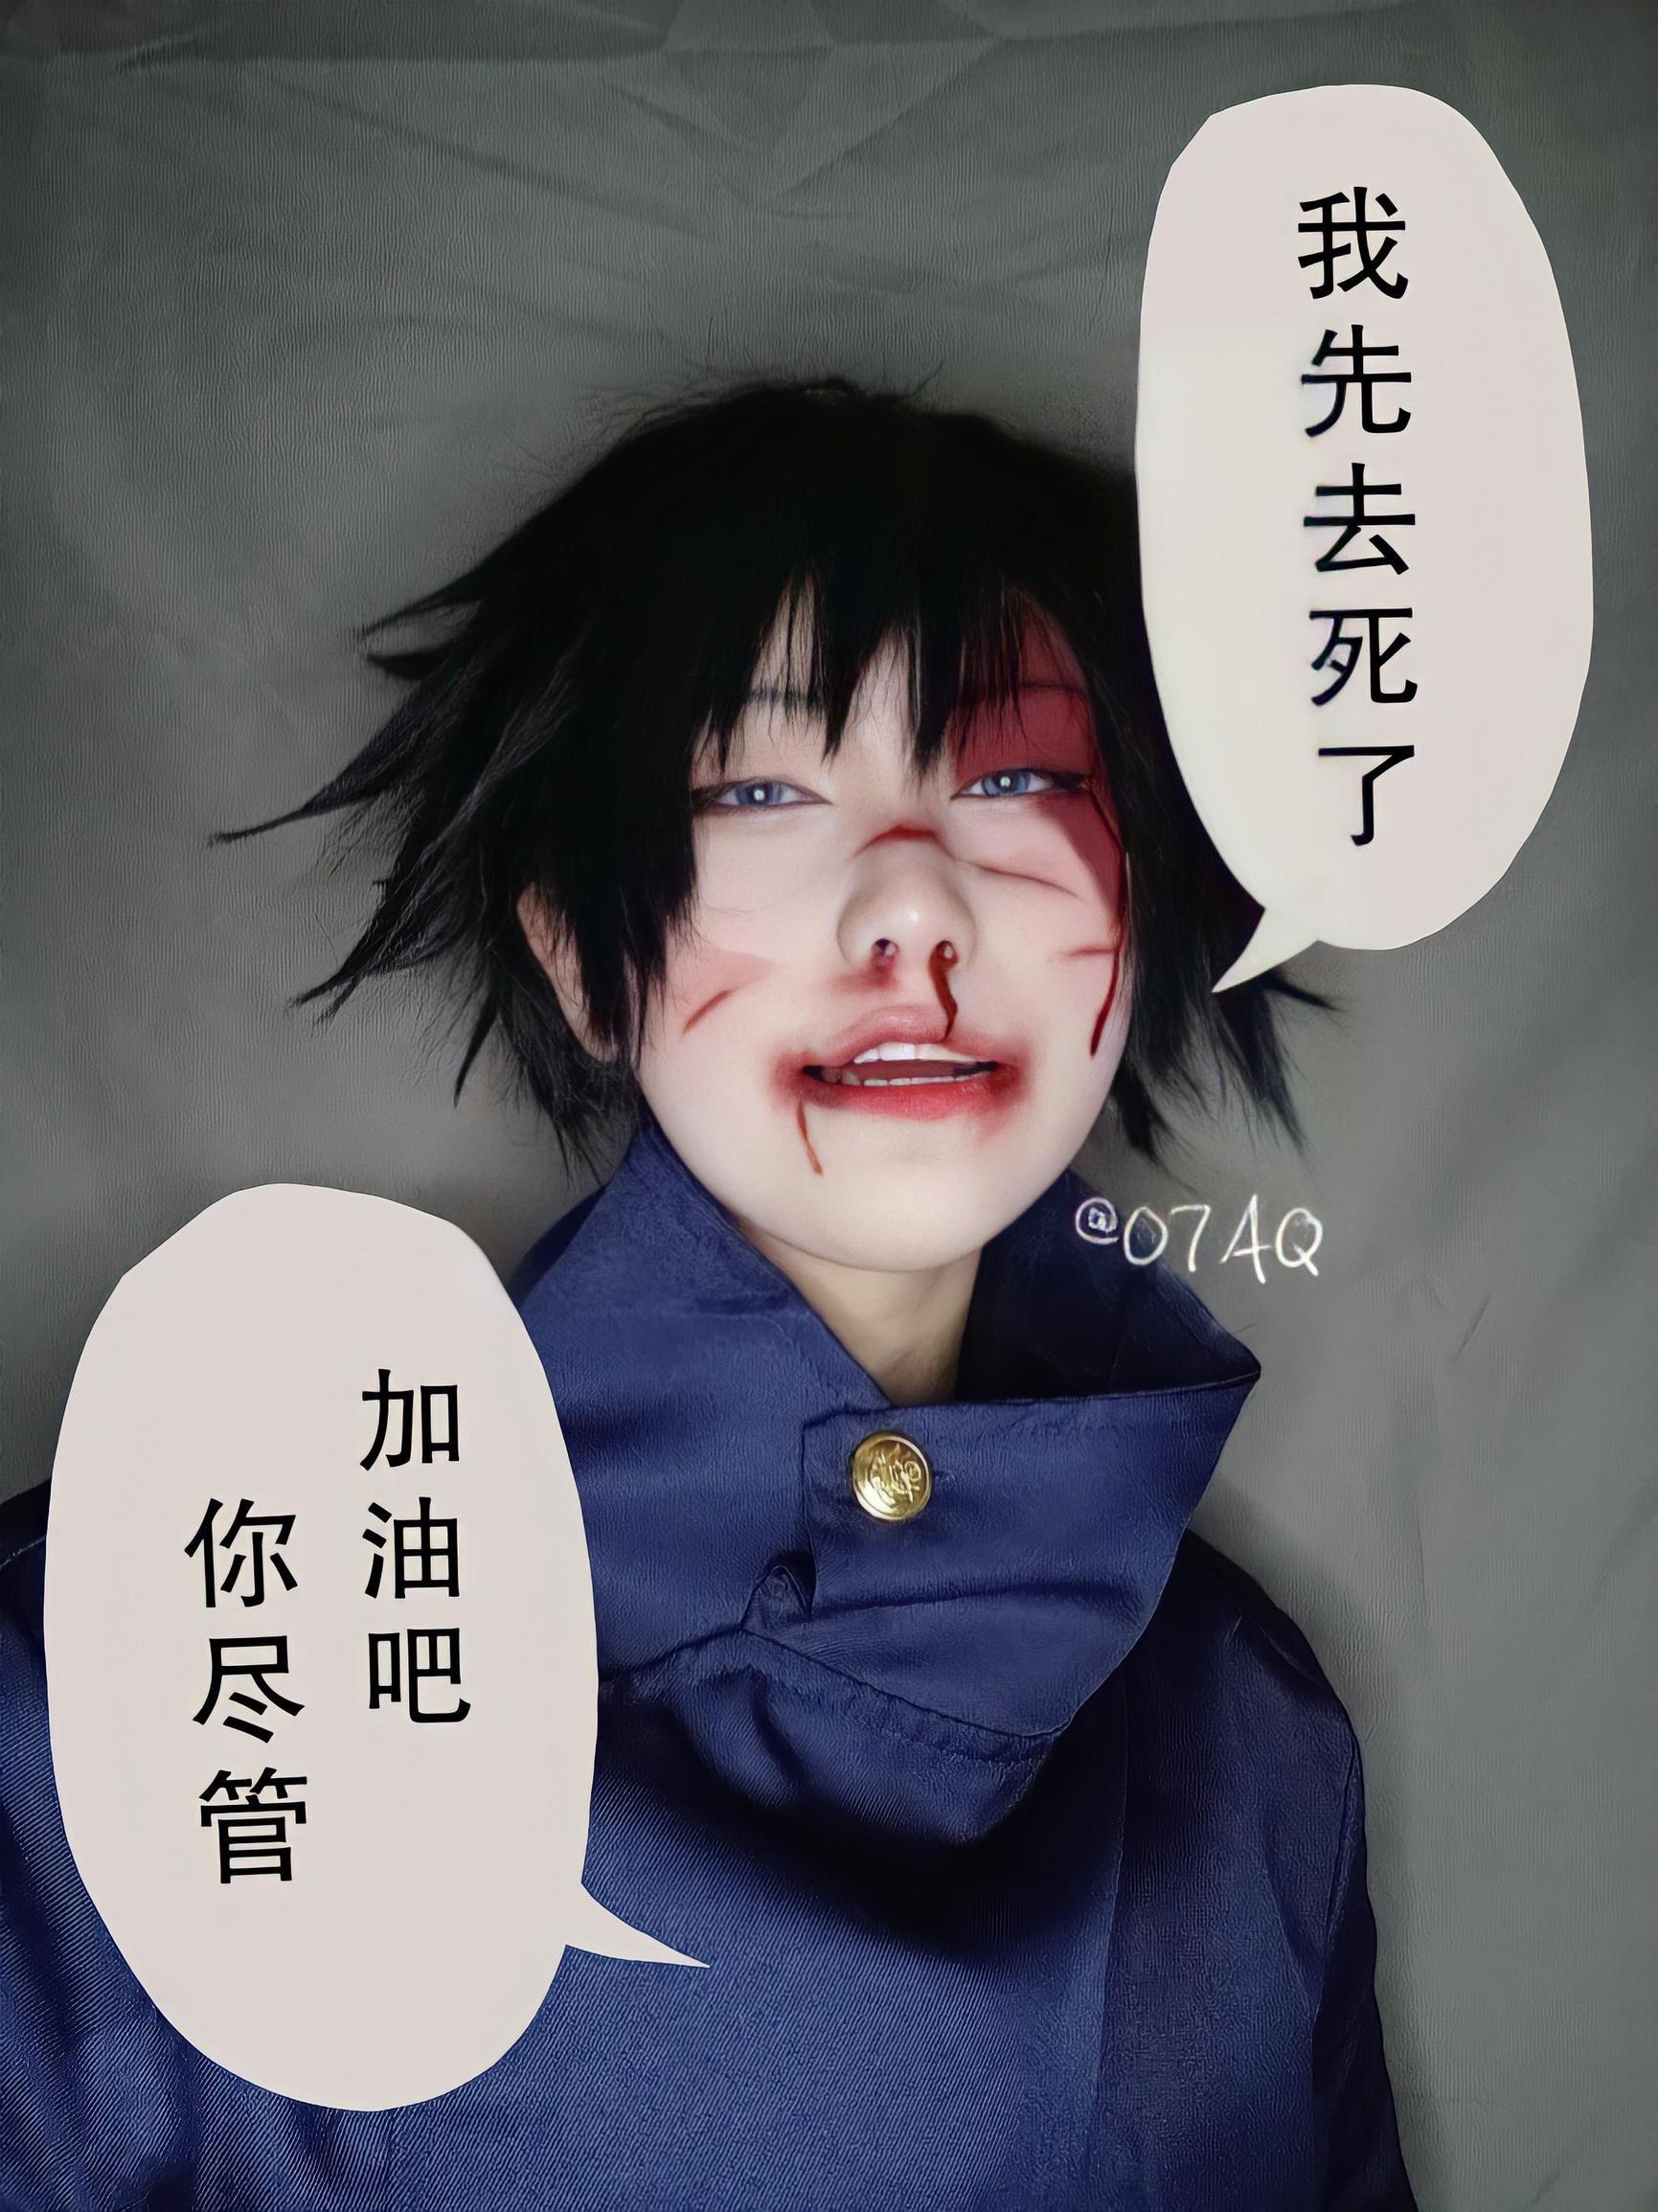 《咒术回战》零07AQcosplay-第3张